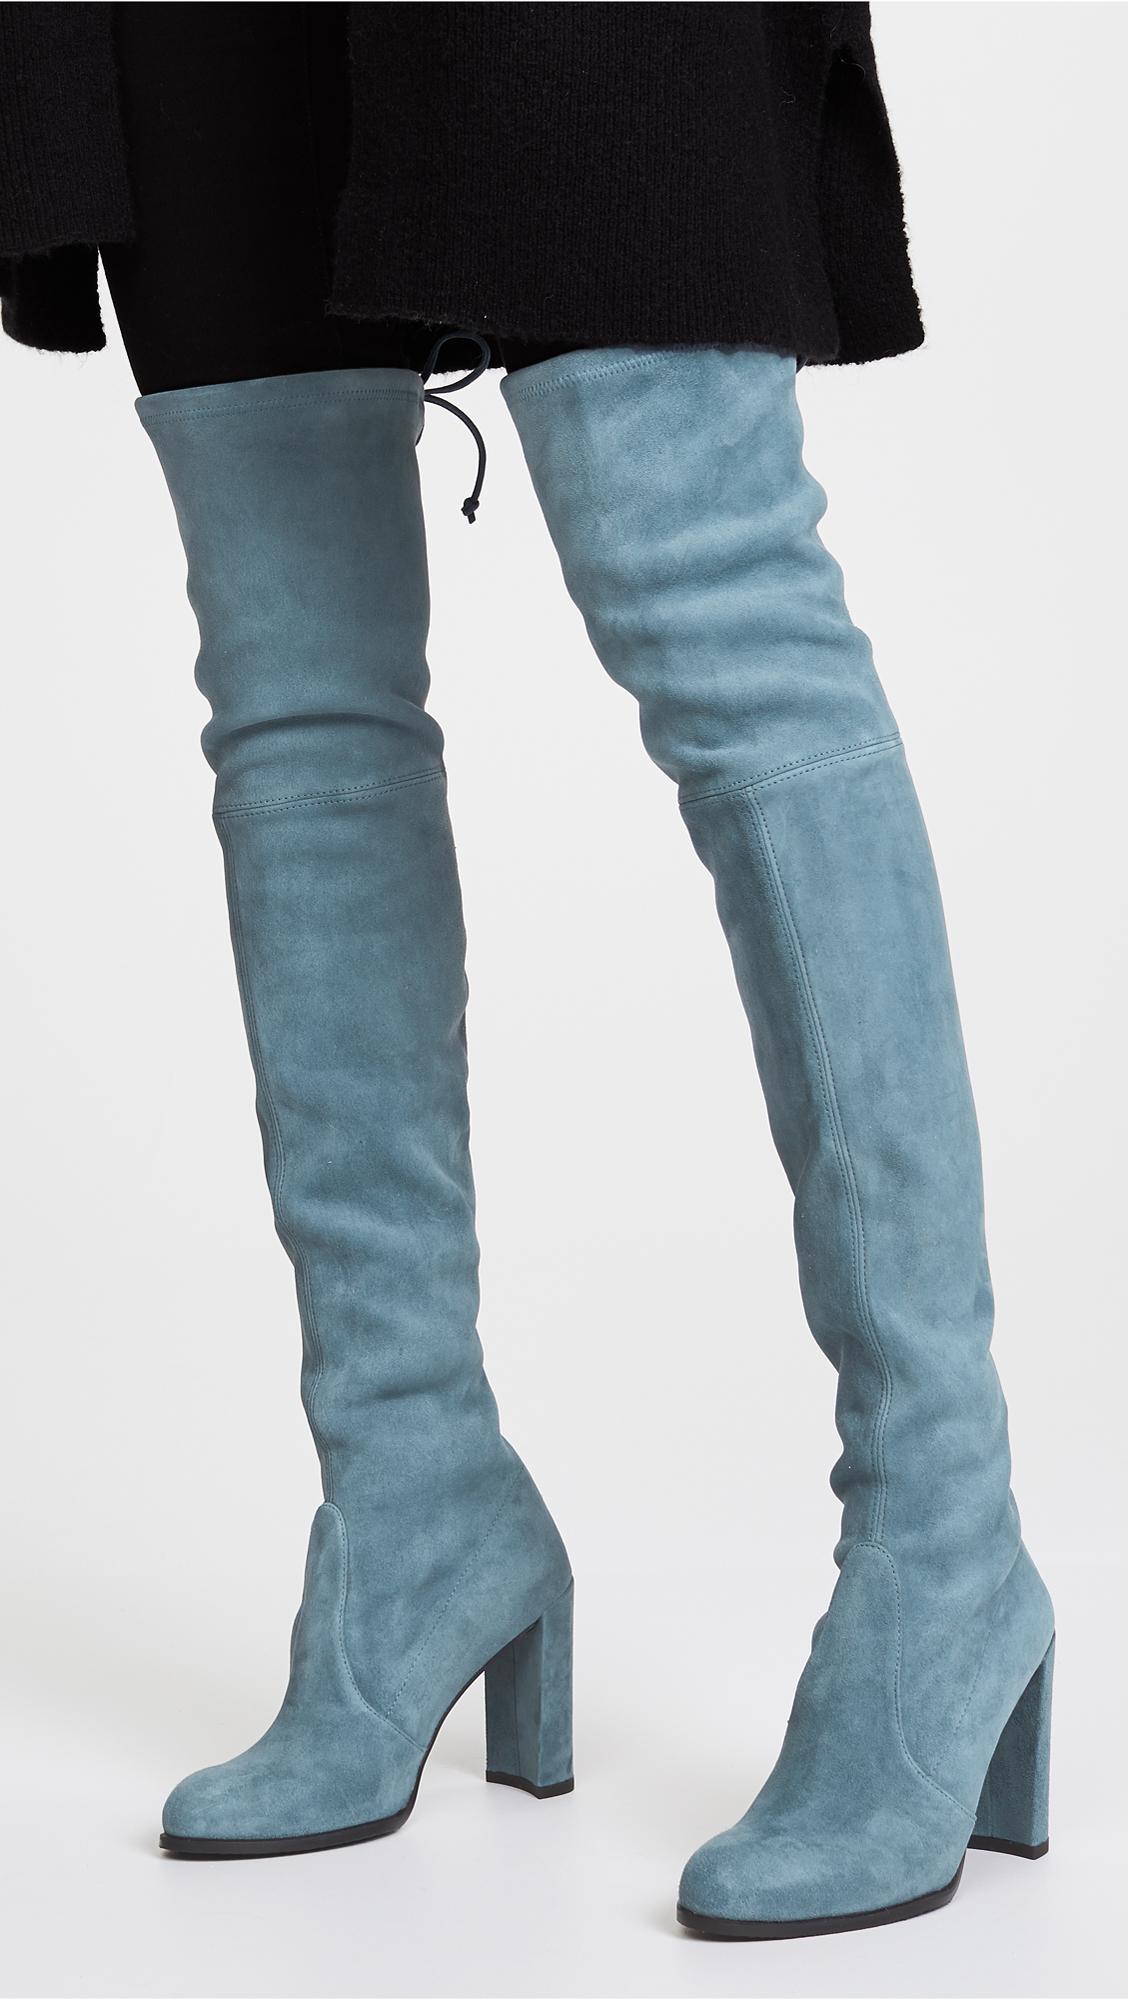 ece0921d86f Stuart Weitzman Hiline Thigh High Boots